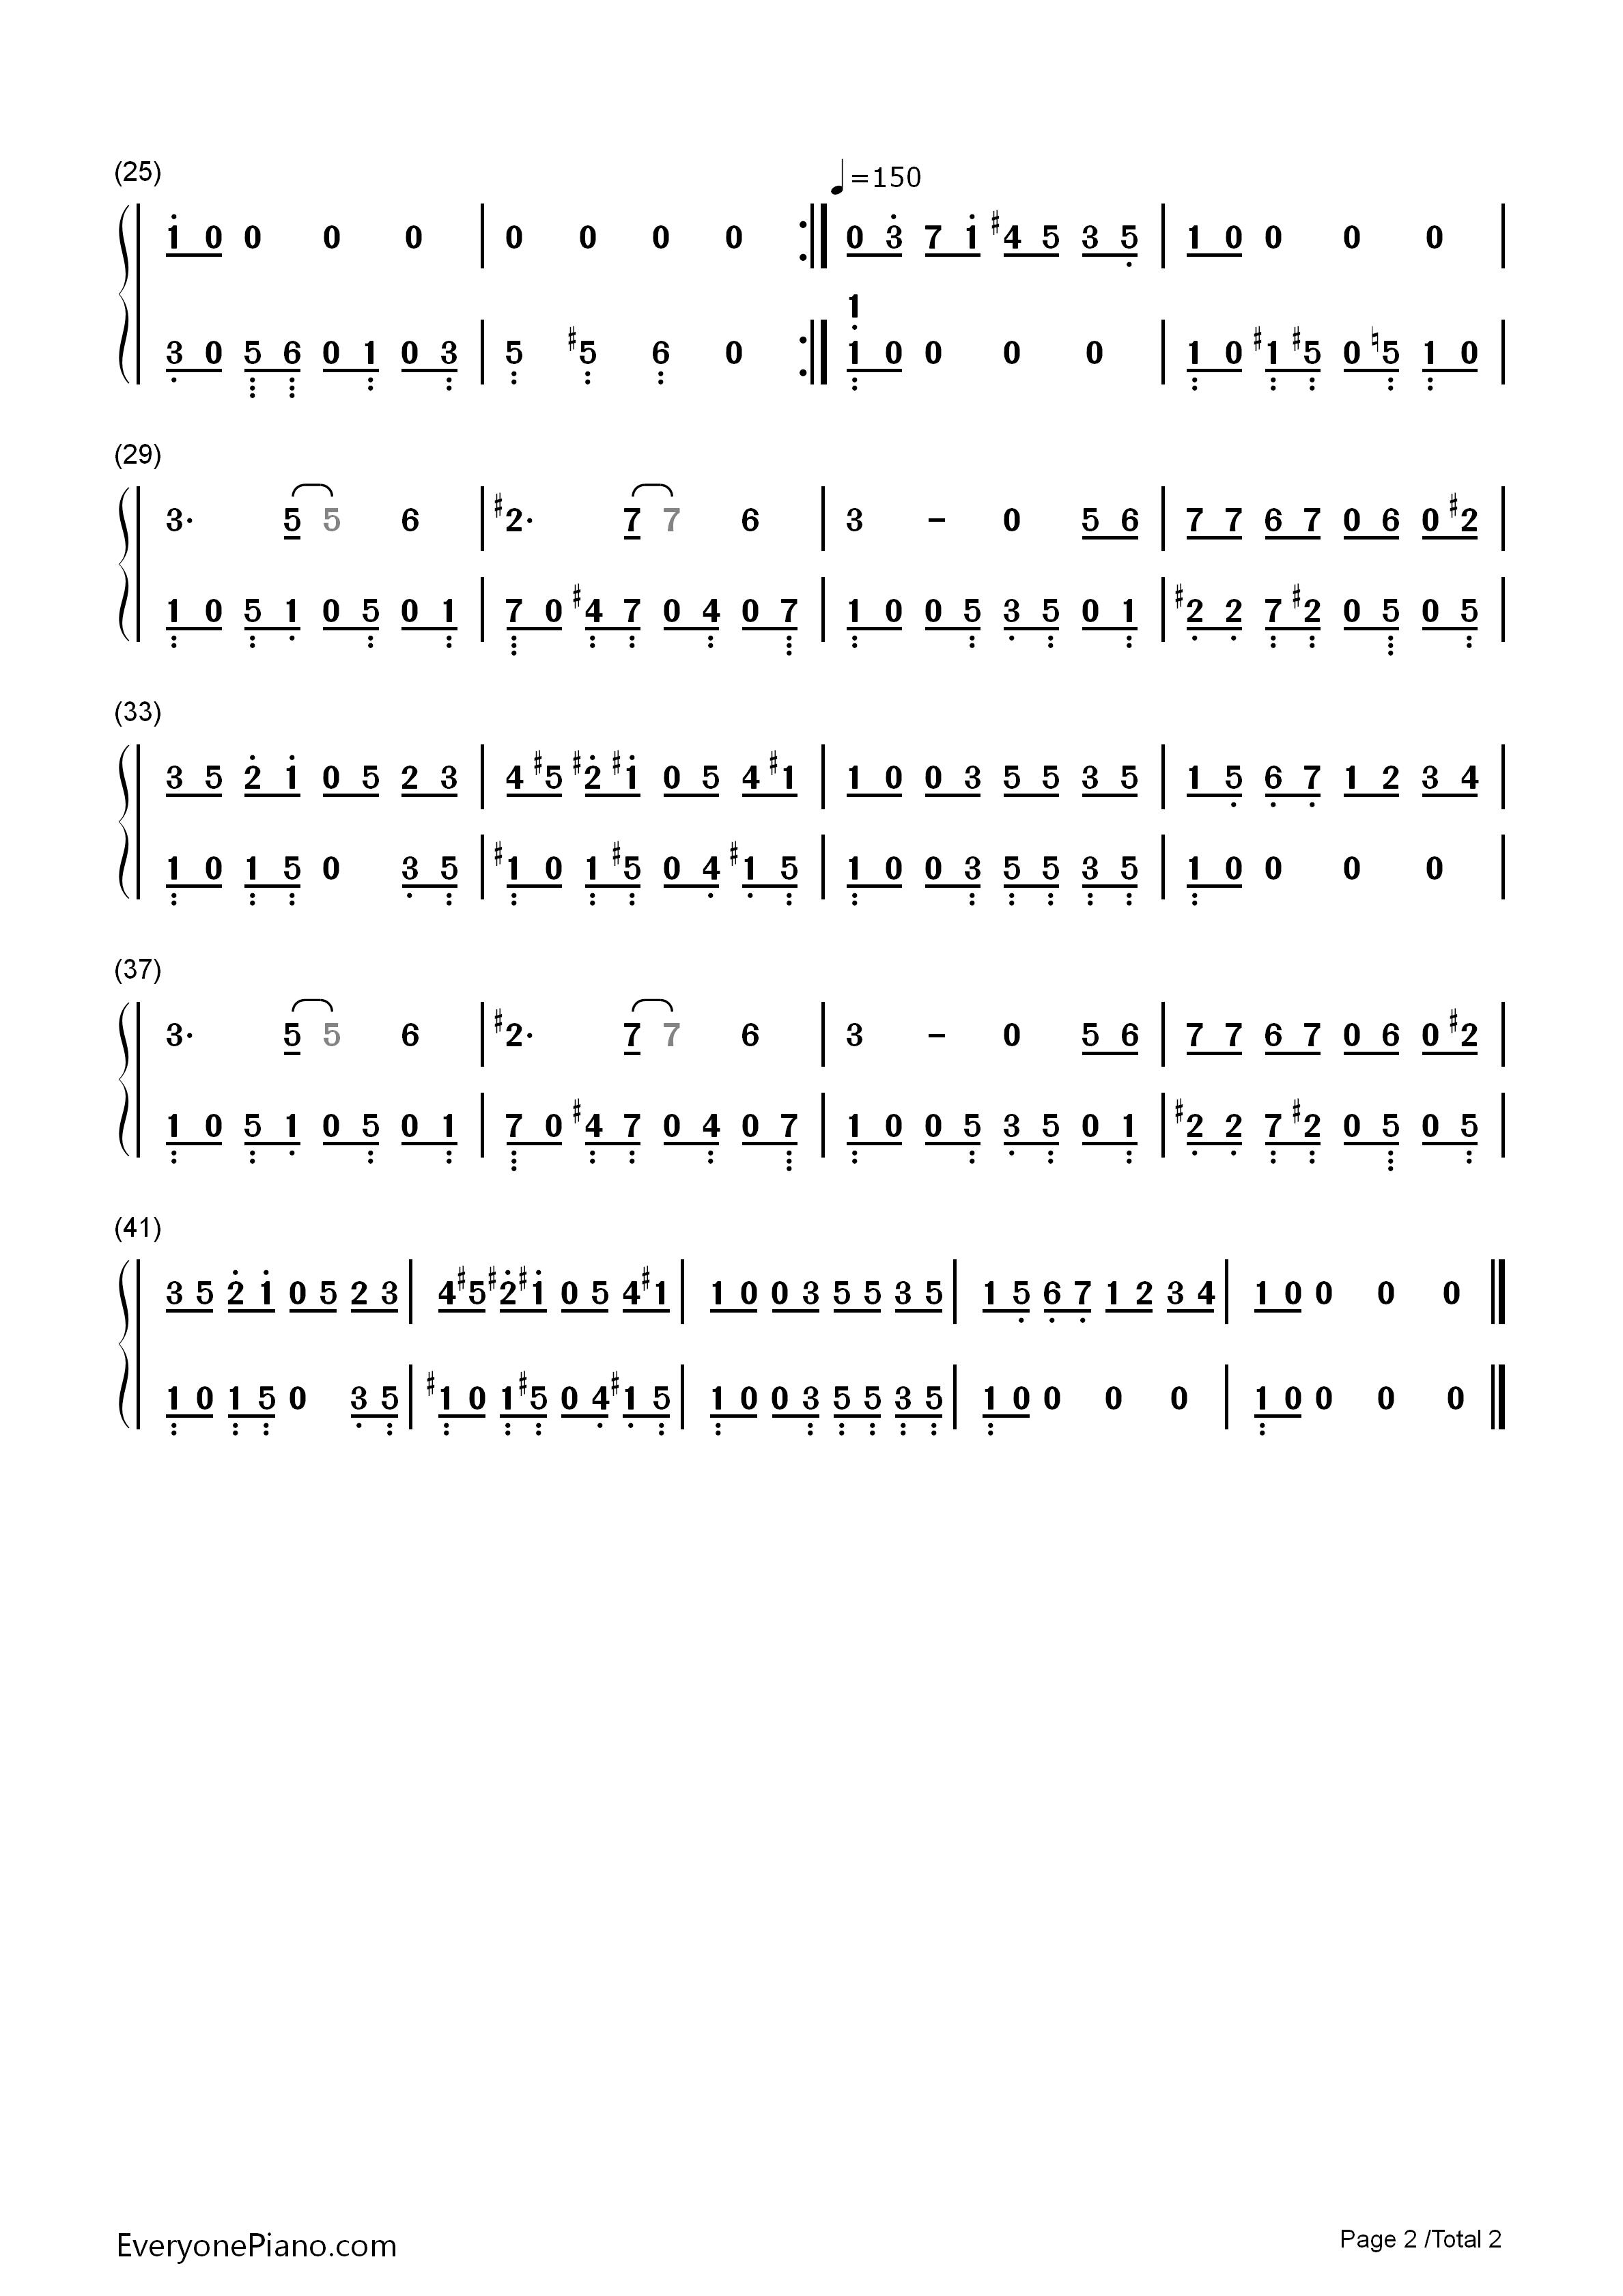 钢琴曲谱 动漫 冒险岛bgm-fc游戏《冒险岛》-eop教